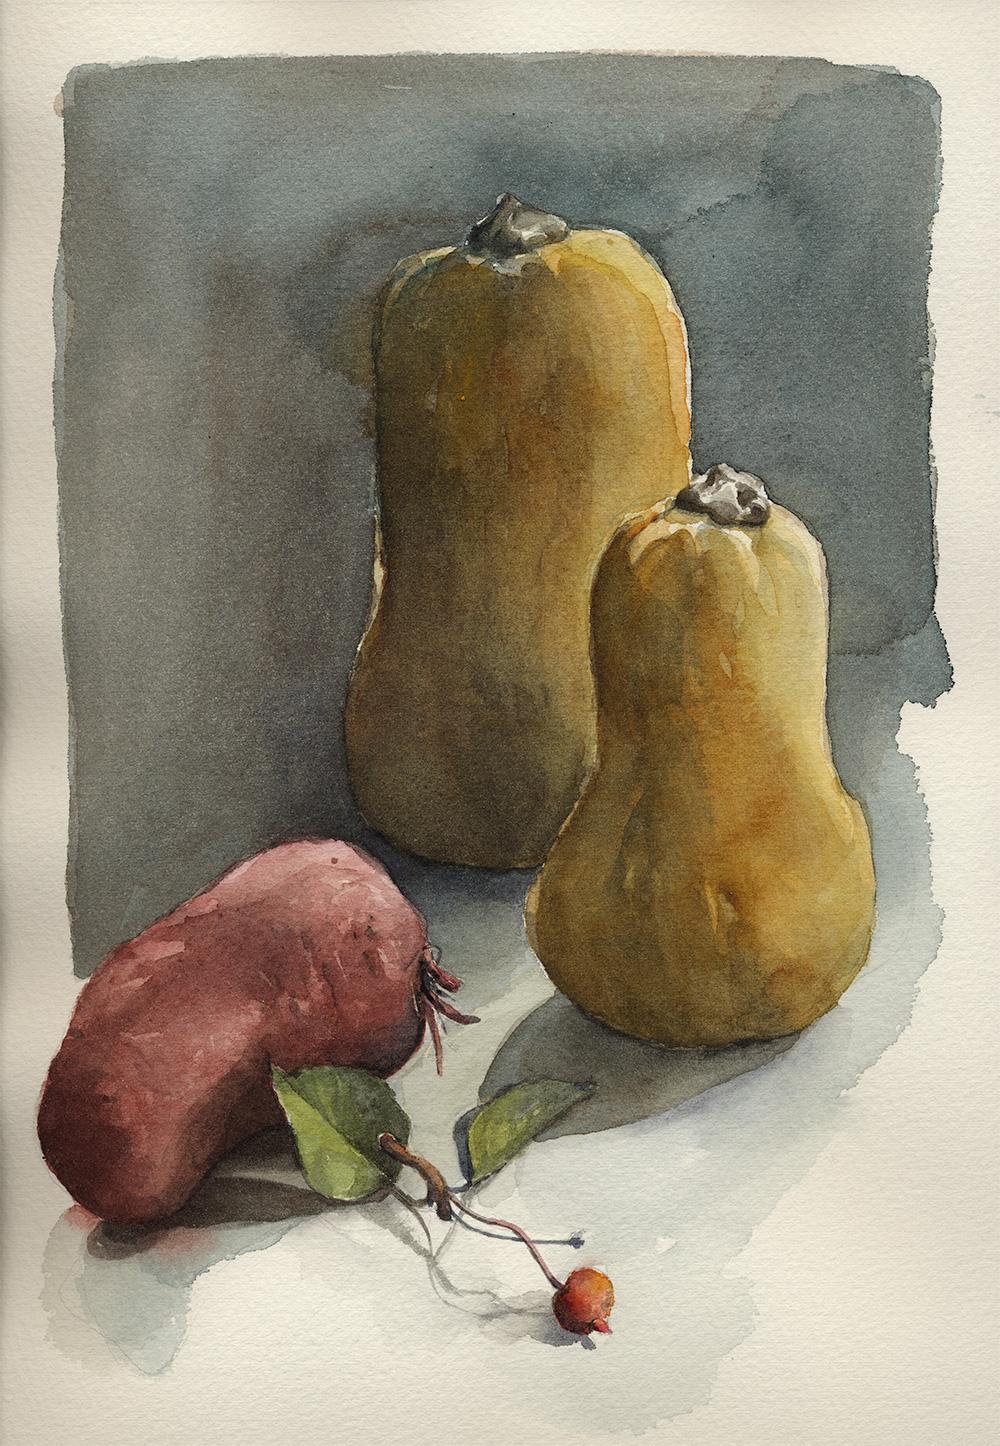 coco-connolly-watercolor-squash-sweet-potato.jpg